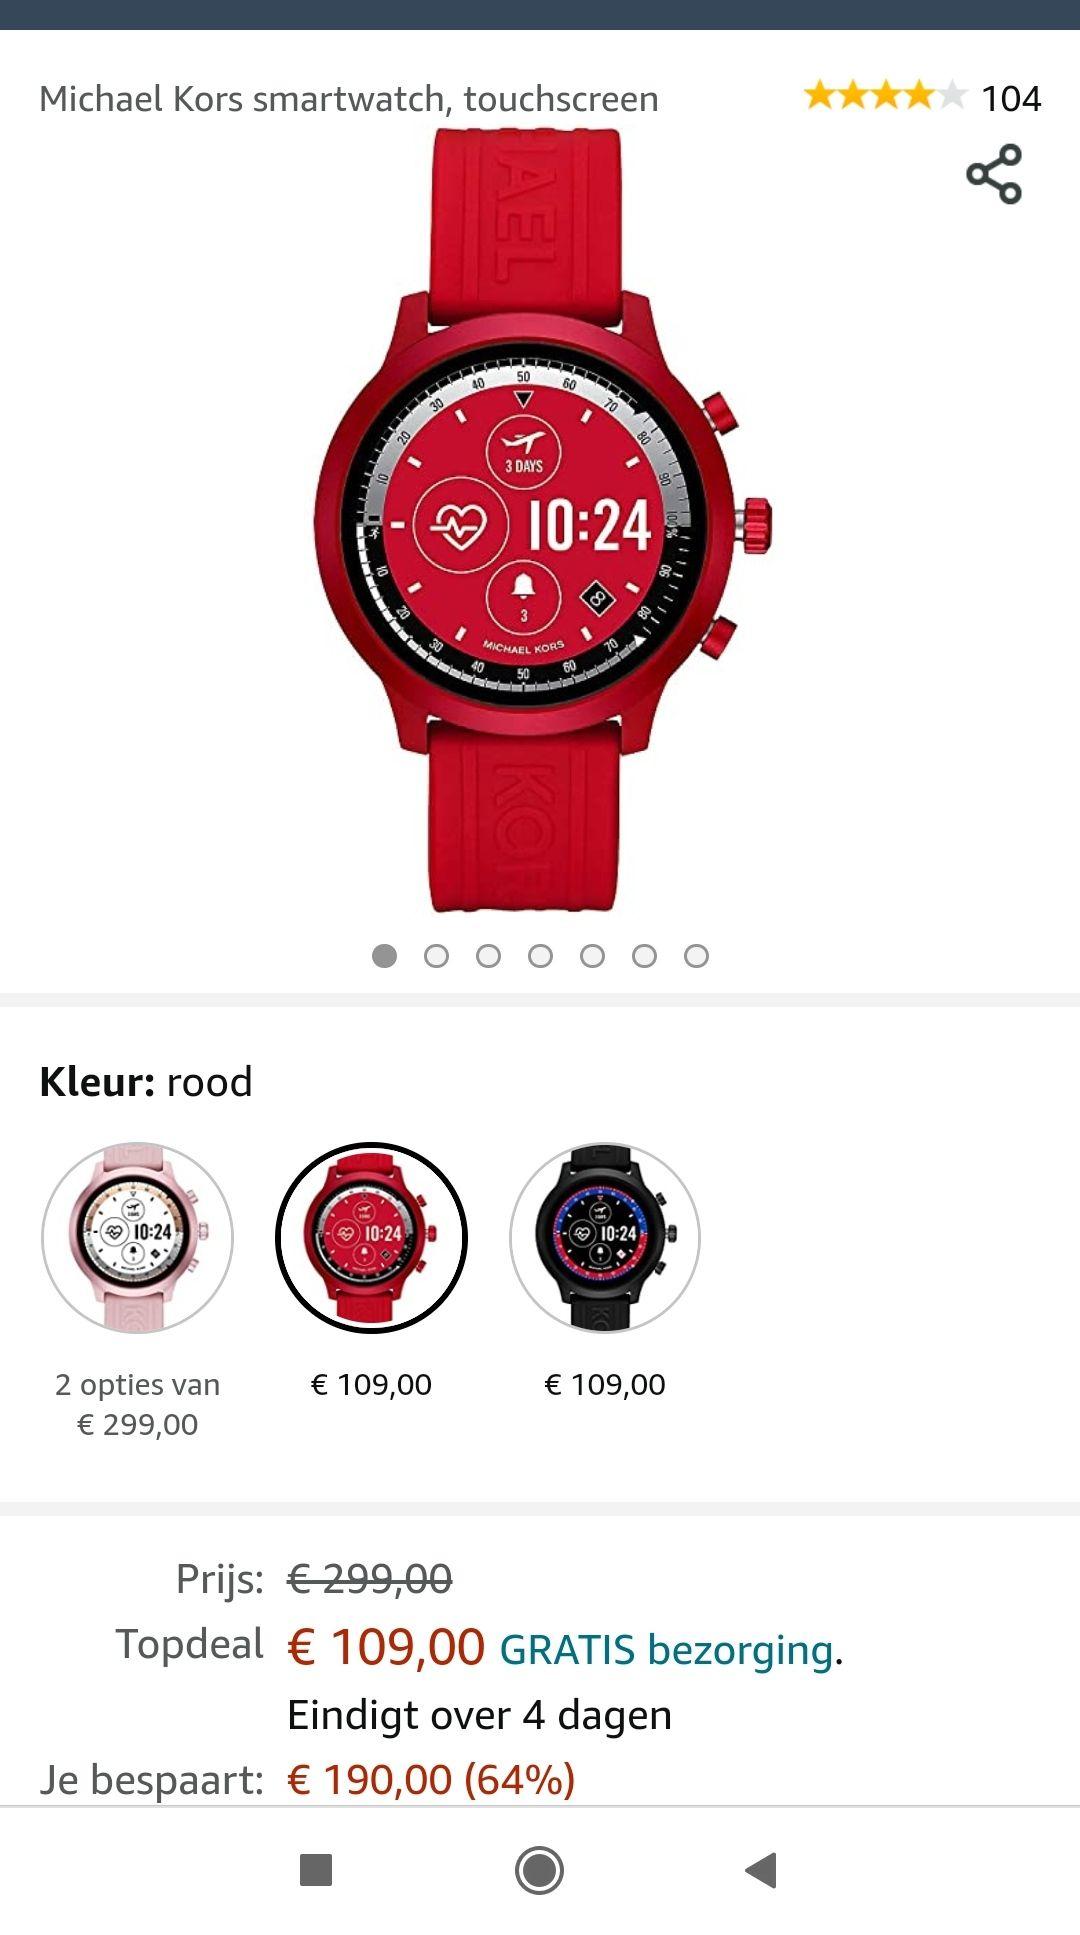 Michael Kors smartwatch, touchscreen